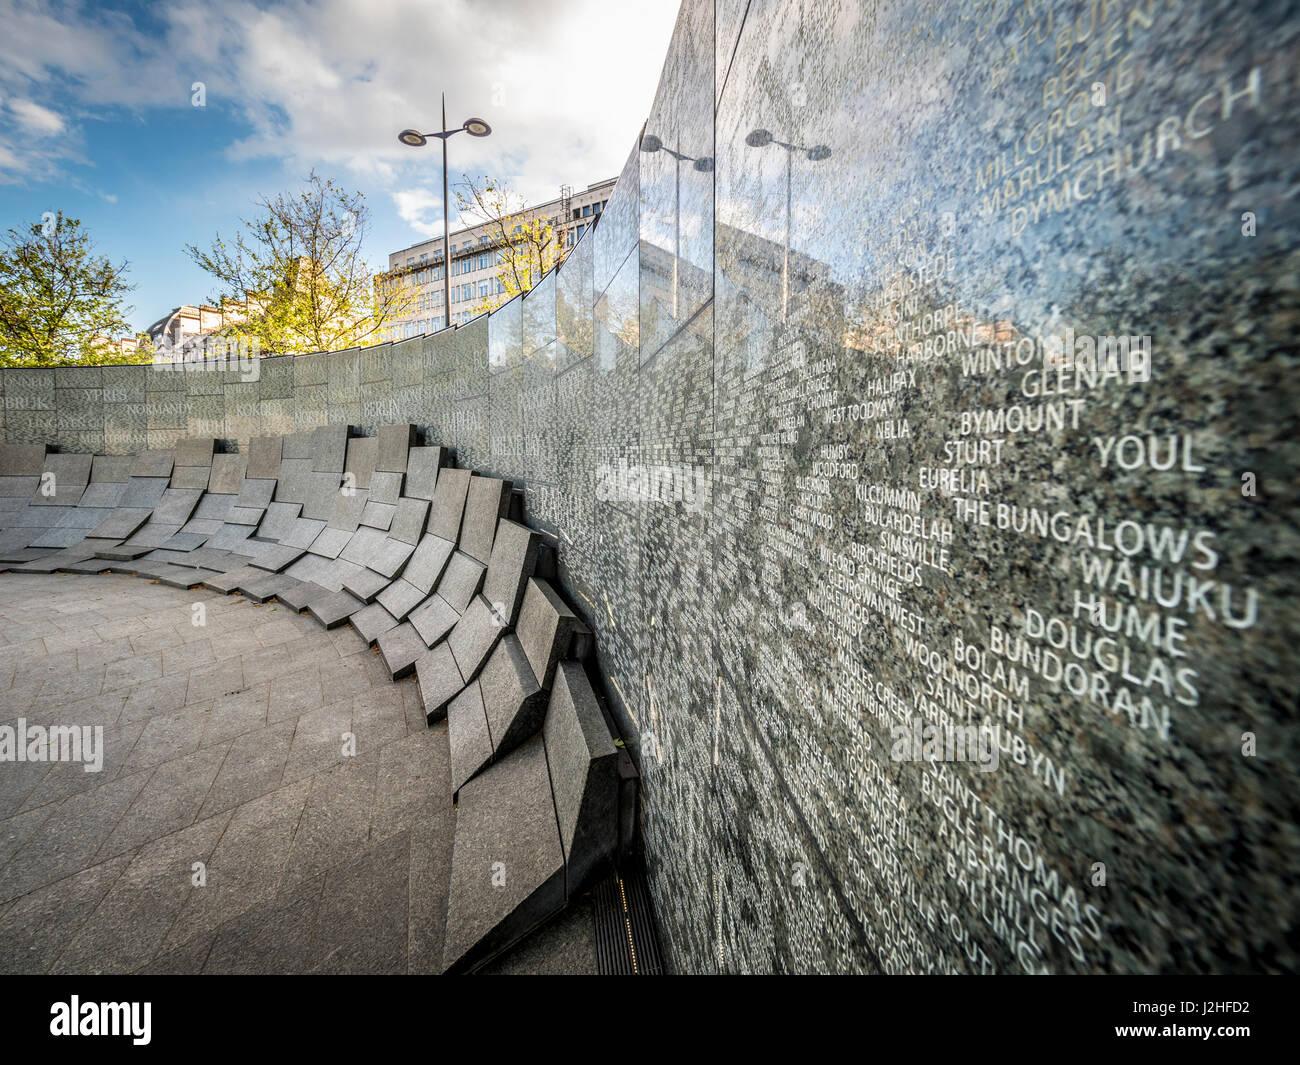 Australian War Memorial, Hyde Park Corner, London, UK. - Stock Image